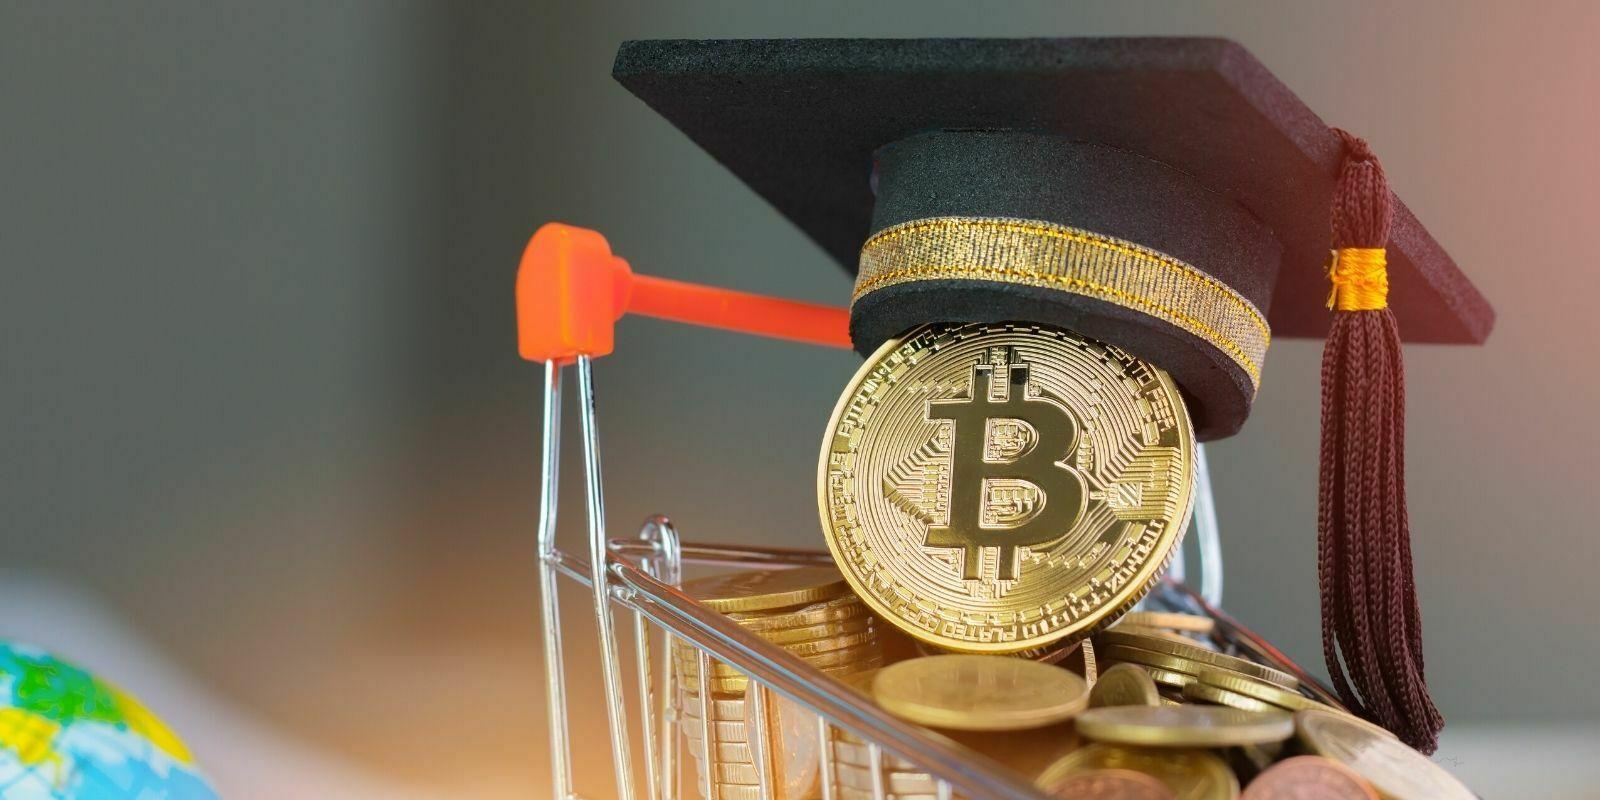 Rentrée 2020 : comment payer ses fournitures scolaires en cryptos ?